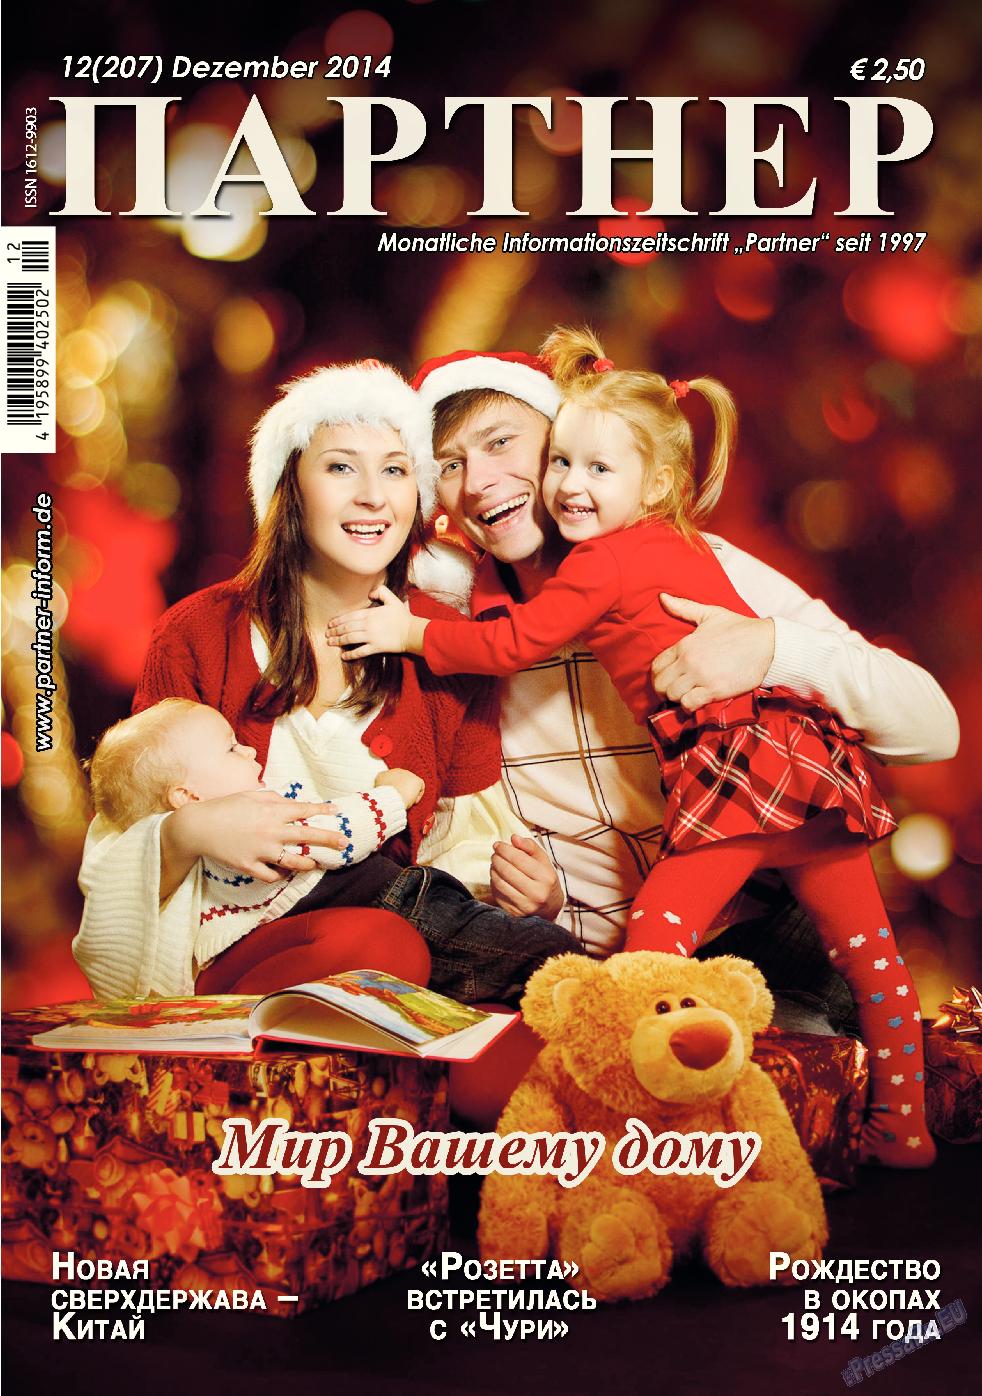 Партнер (журнал). 2014 год, номер 12, стр. 1